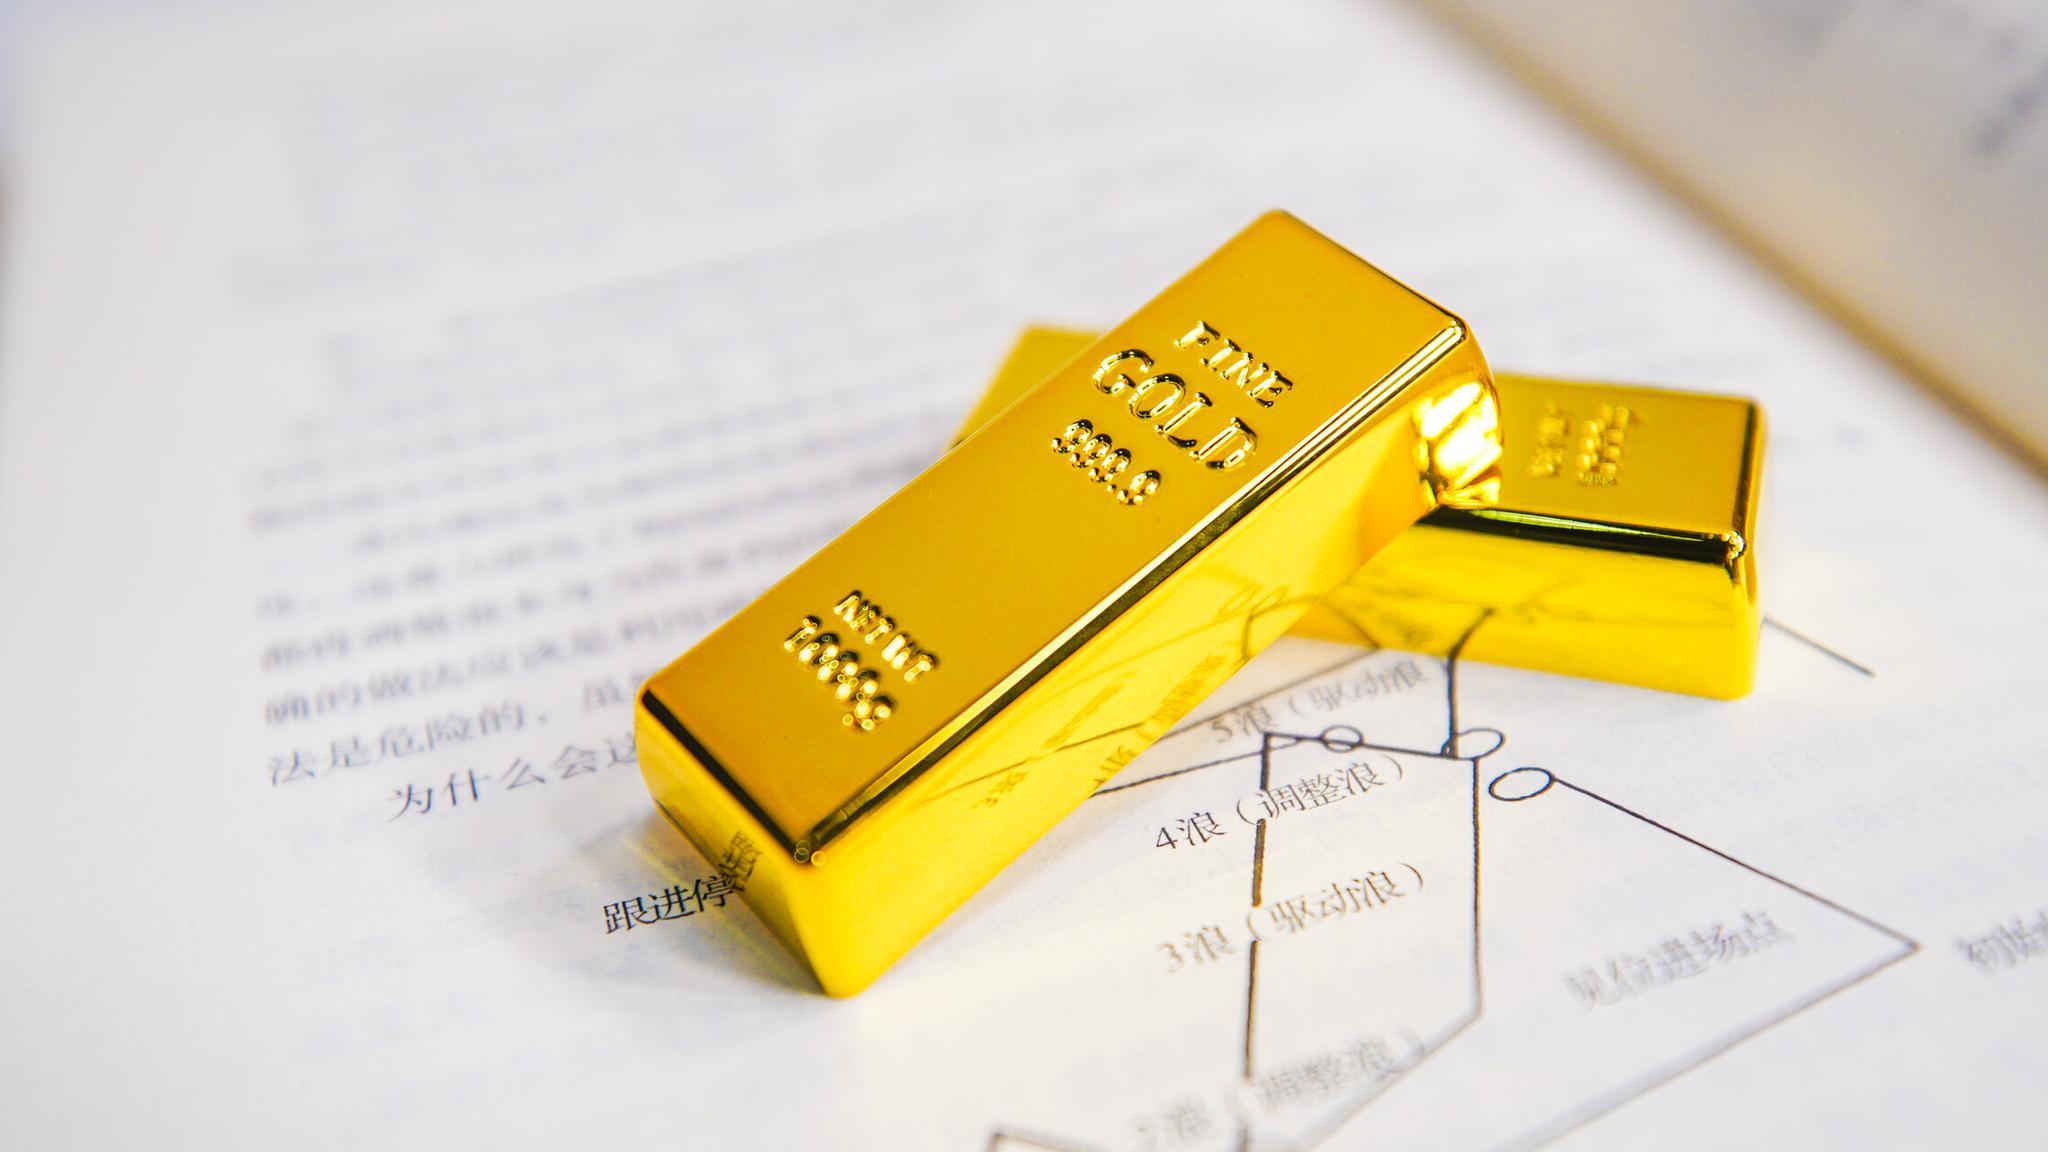 全球央行近10年首次净卖出黄金 黄金不吃香了吗?